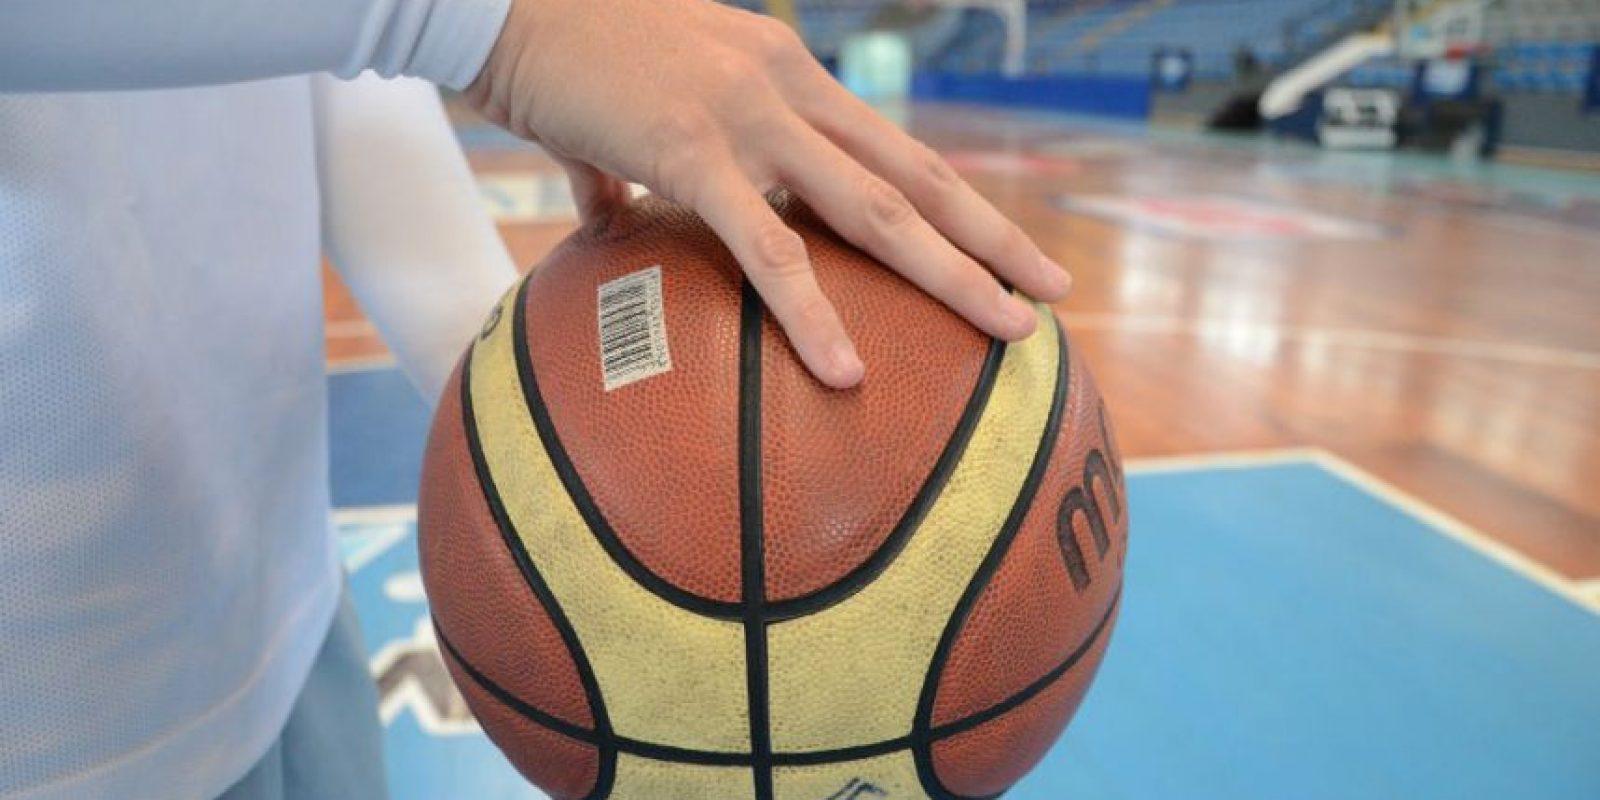 Si quieres mantenerte bien jugando baloncesto, una de las técnicas que te pueden ayudar a mejorar es hacer el rebote adecuado. Tienes que hacerlo con la yema de los dedos, no con la palma de la mano, y al empujar el balón debes flexionar tu muñeca y presionar hacia abajo. Foto:Luis Carlos Nájera